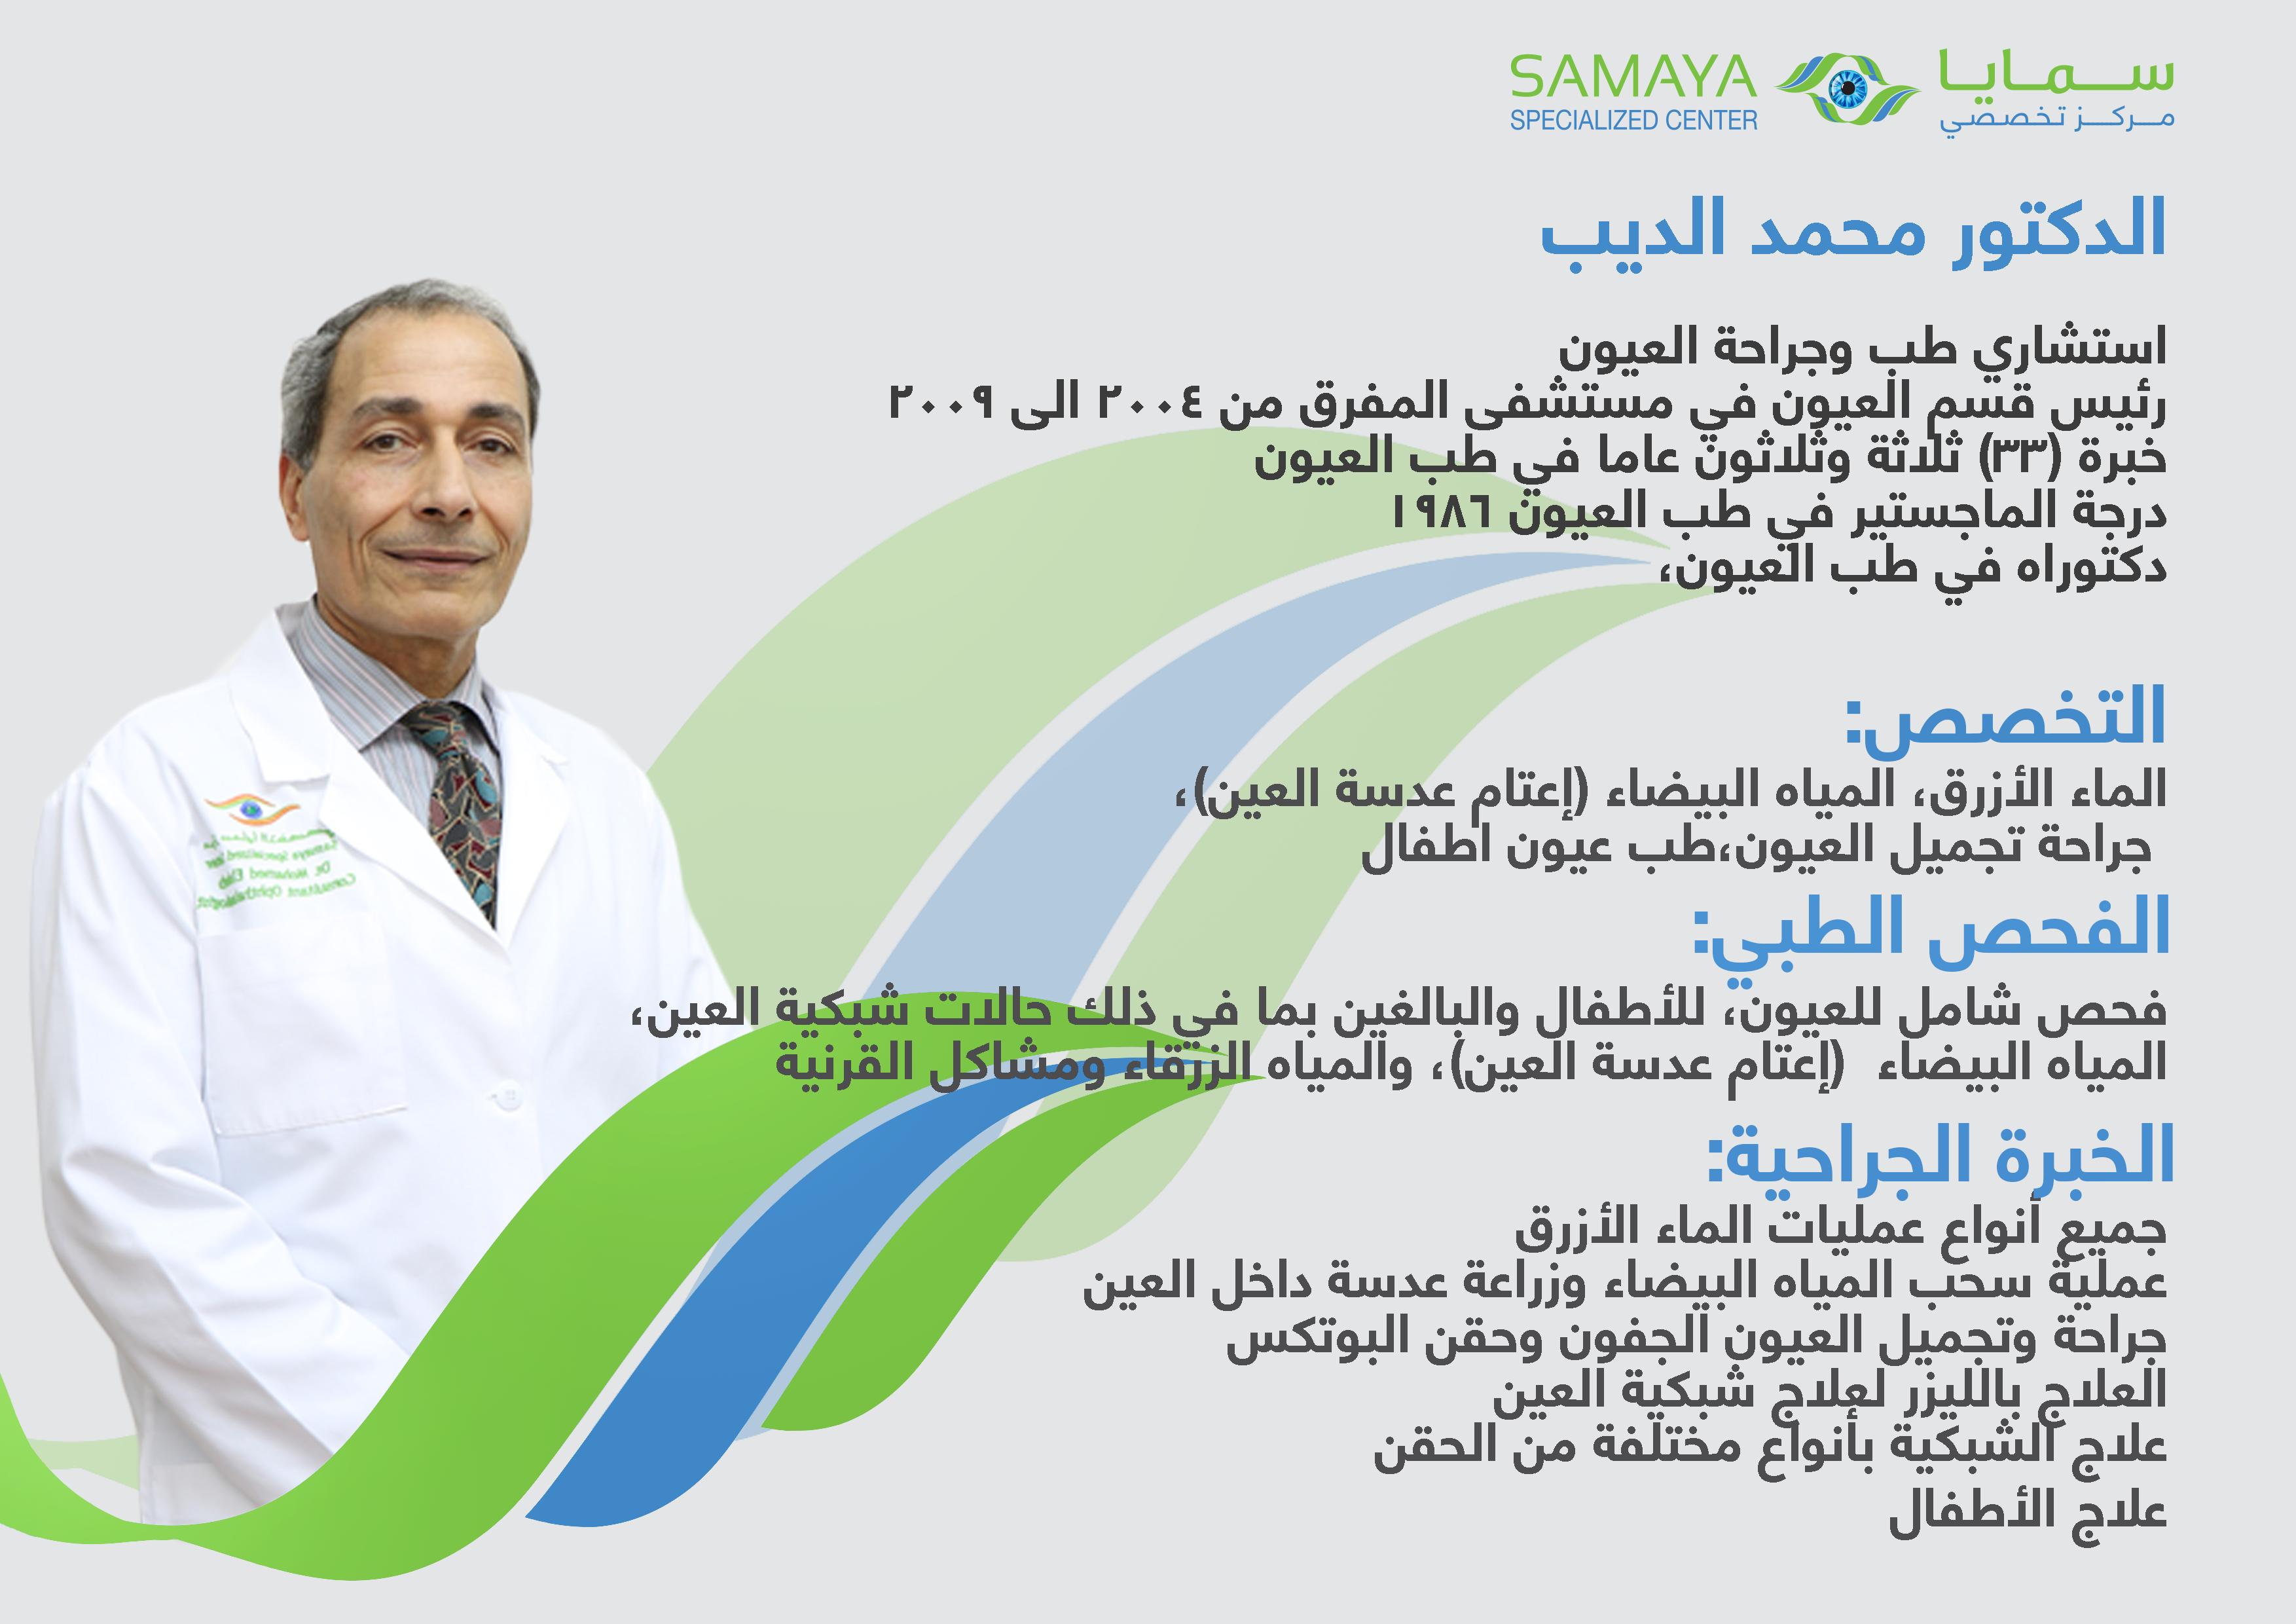 الدكتور محمد الديب استشاري طب وجراحة العيون مركز سمايا التخصصي Lol Lab Coat Coat